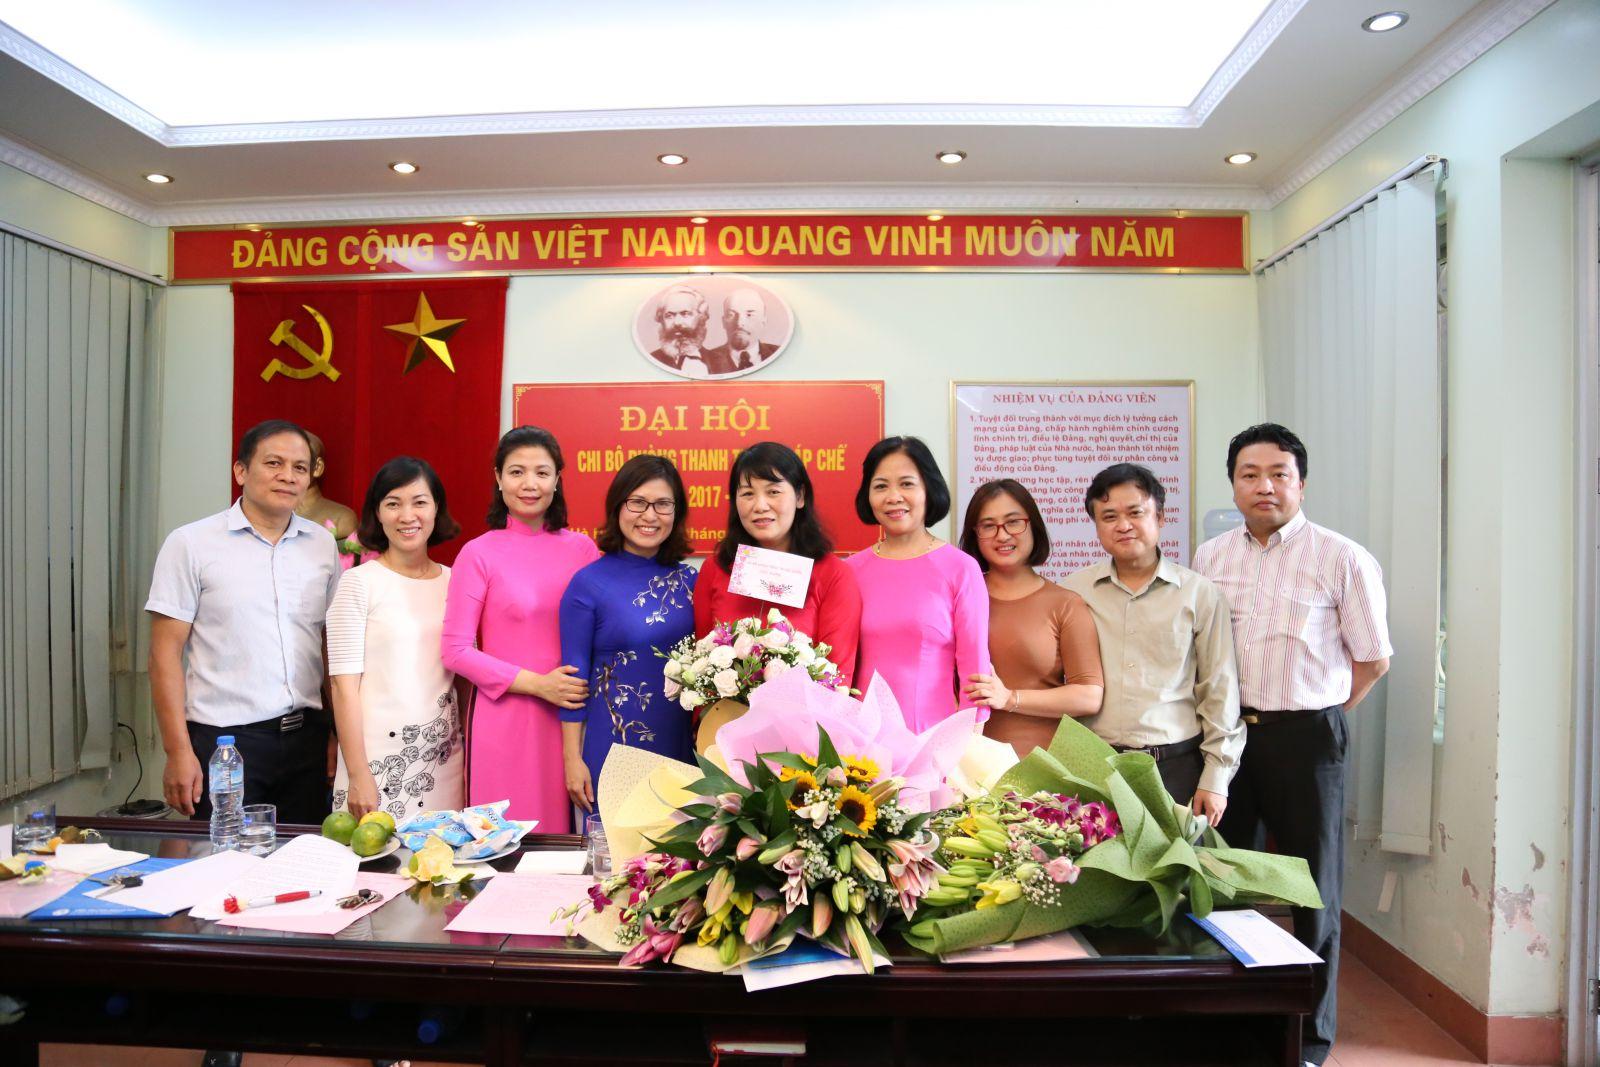 Đồng chí Khổng Thị Uyên – Bí thư Chi bộ nhiệm kỳ 2017 – 2020 nhận hoa chúc mừng